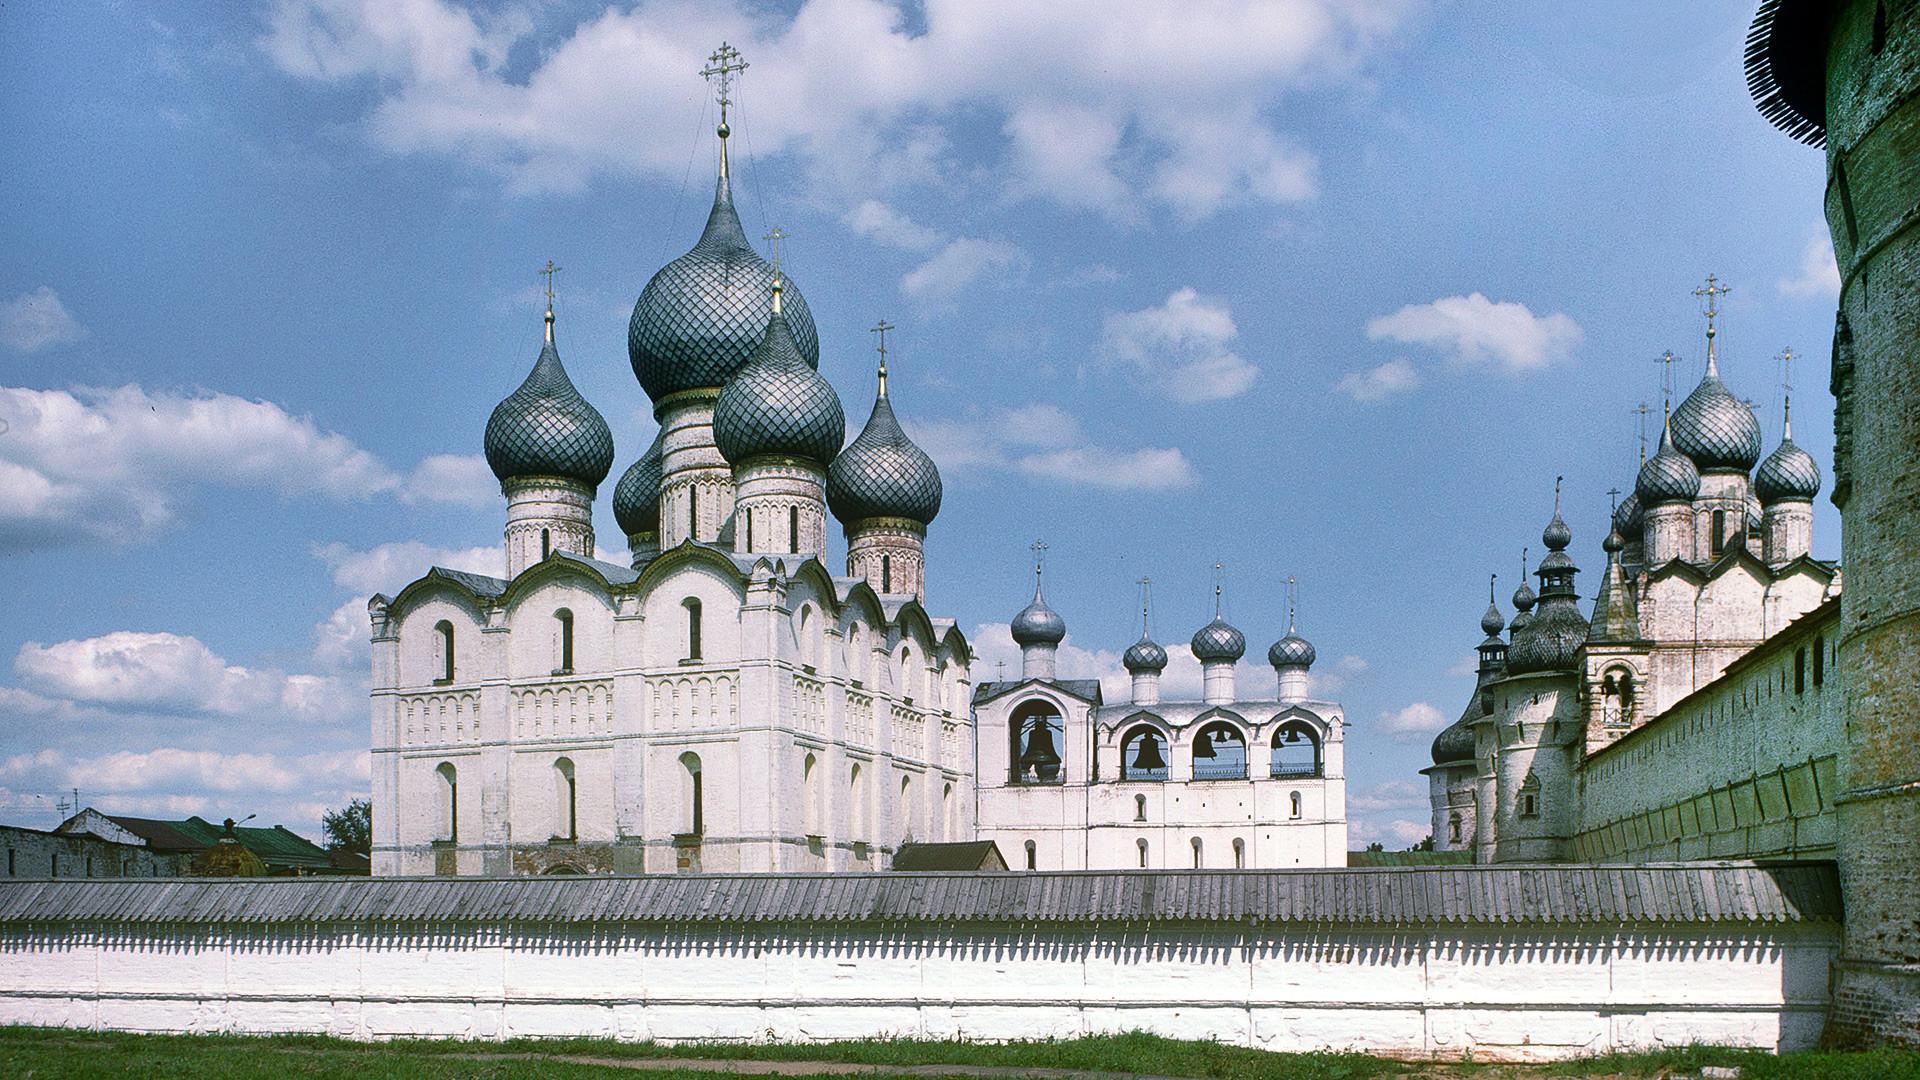 Rostov Velikij. Complesso della cattedrale, vista sud-ovest. Da sinistra: Cattedrale della Dormizione, campanile, parete nord del Cremlino, Chiesa della Resurrezione sopra la Porta Nord. 28 giugno 1995